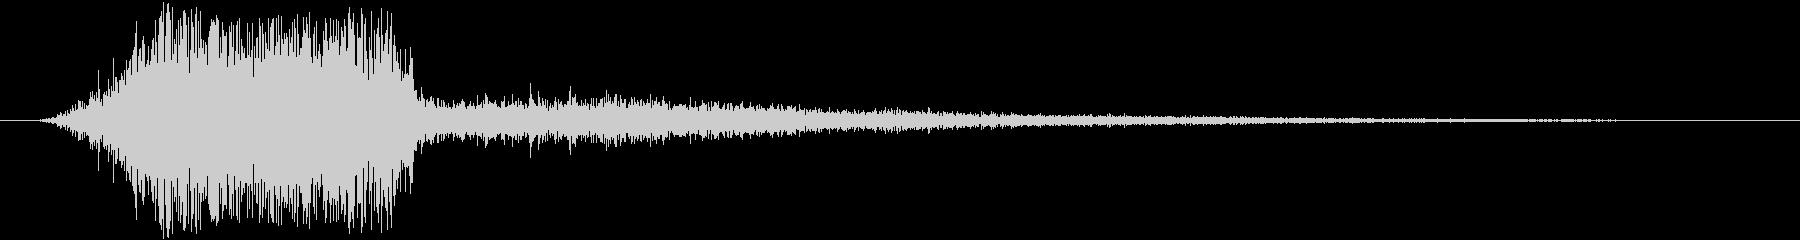 シャープレーザーザップの未再生の波形